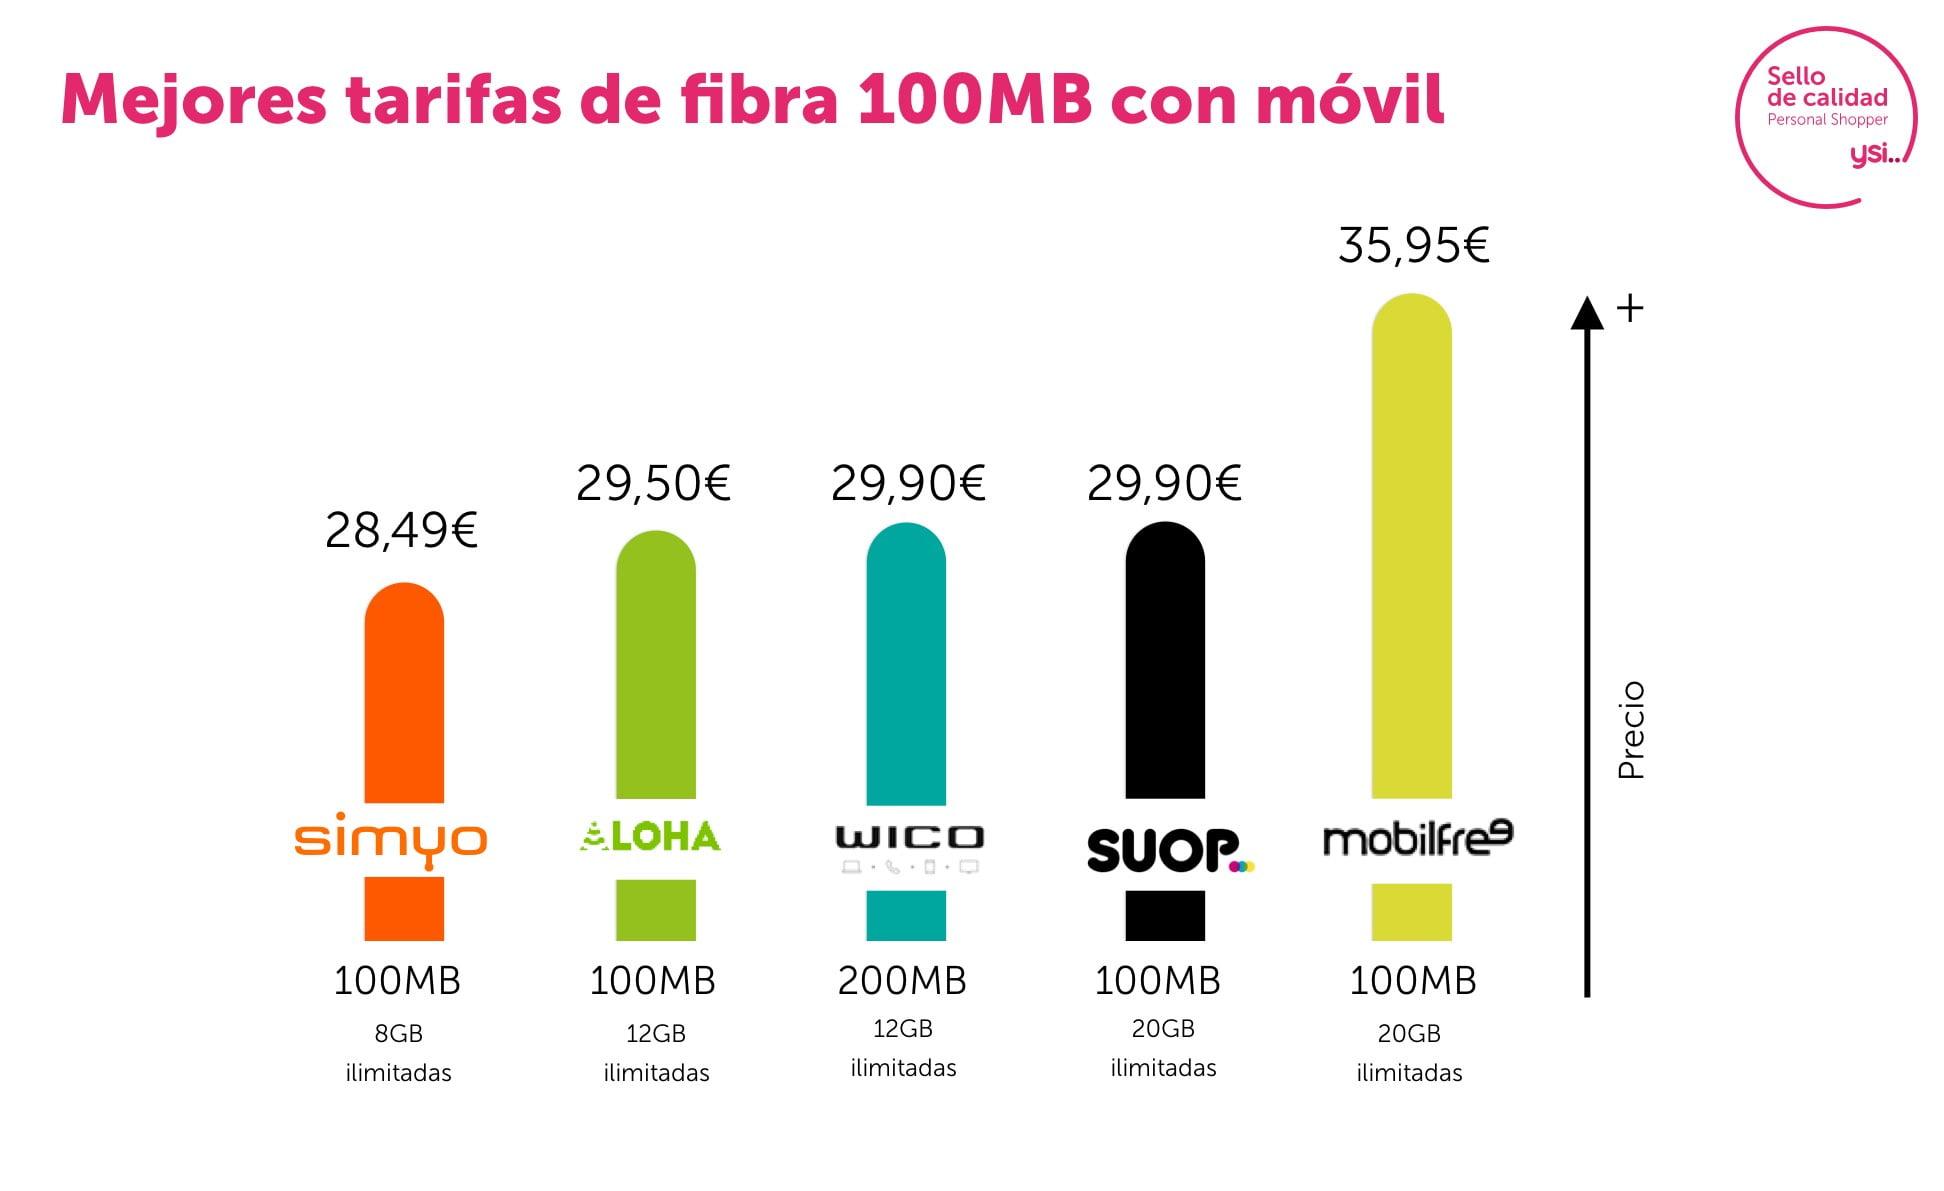 Mejores tarifas de 100Mb y teléfono móvil